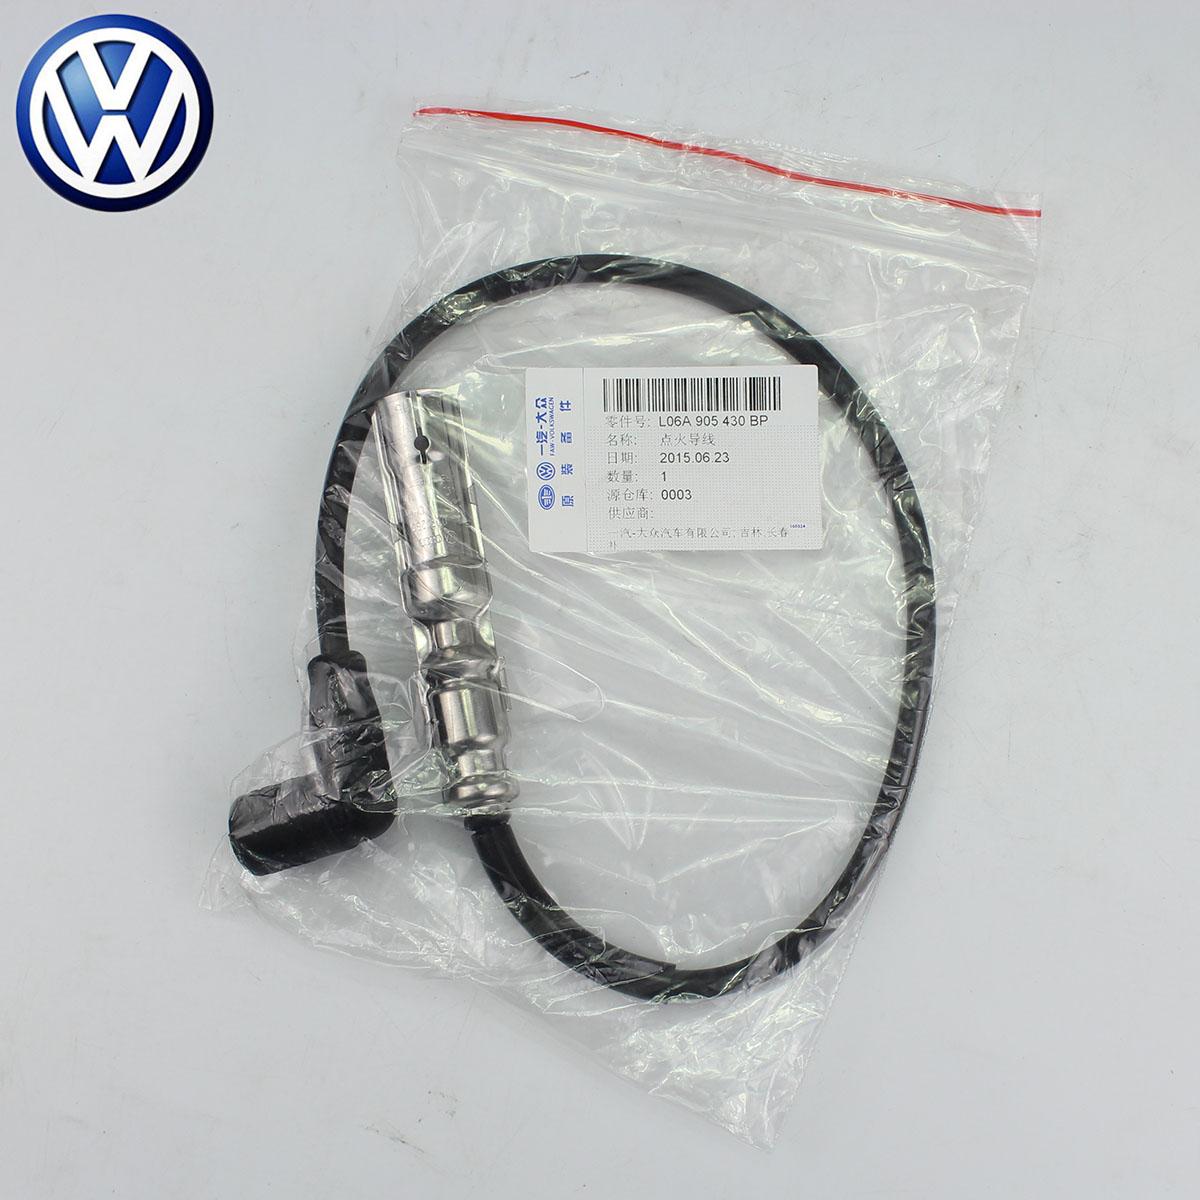 ORIGINAL ZÜNDKERZE KABEL 06A 905 430 BP Für VW VOLKSWAGEN Jetta Mk4 Caddy Golf MK4 Jetta MK5